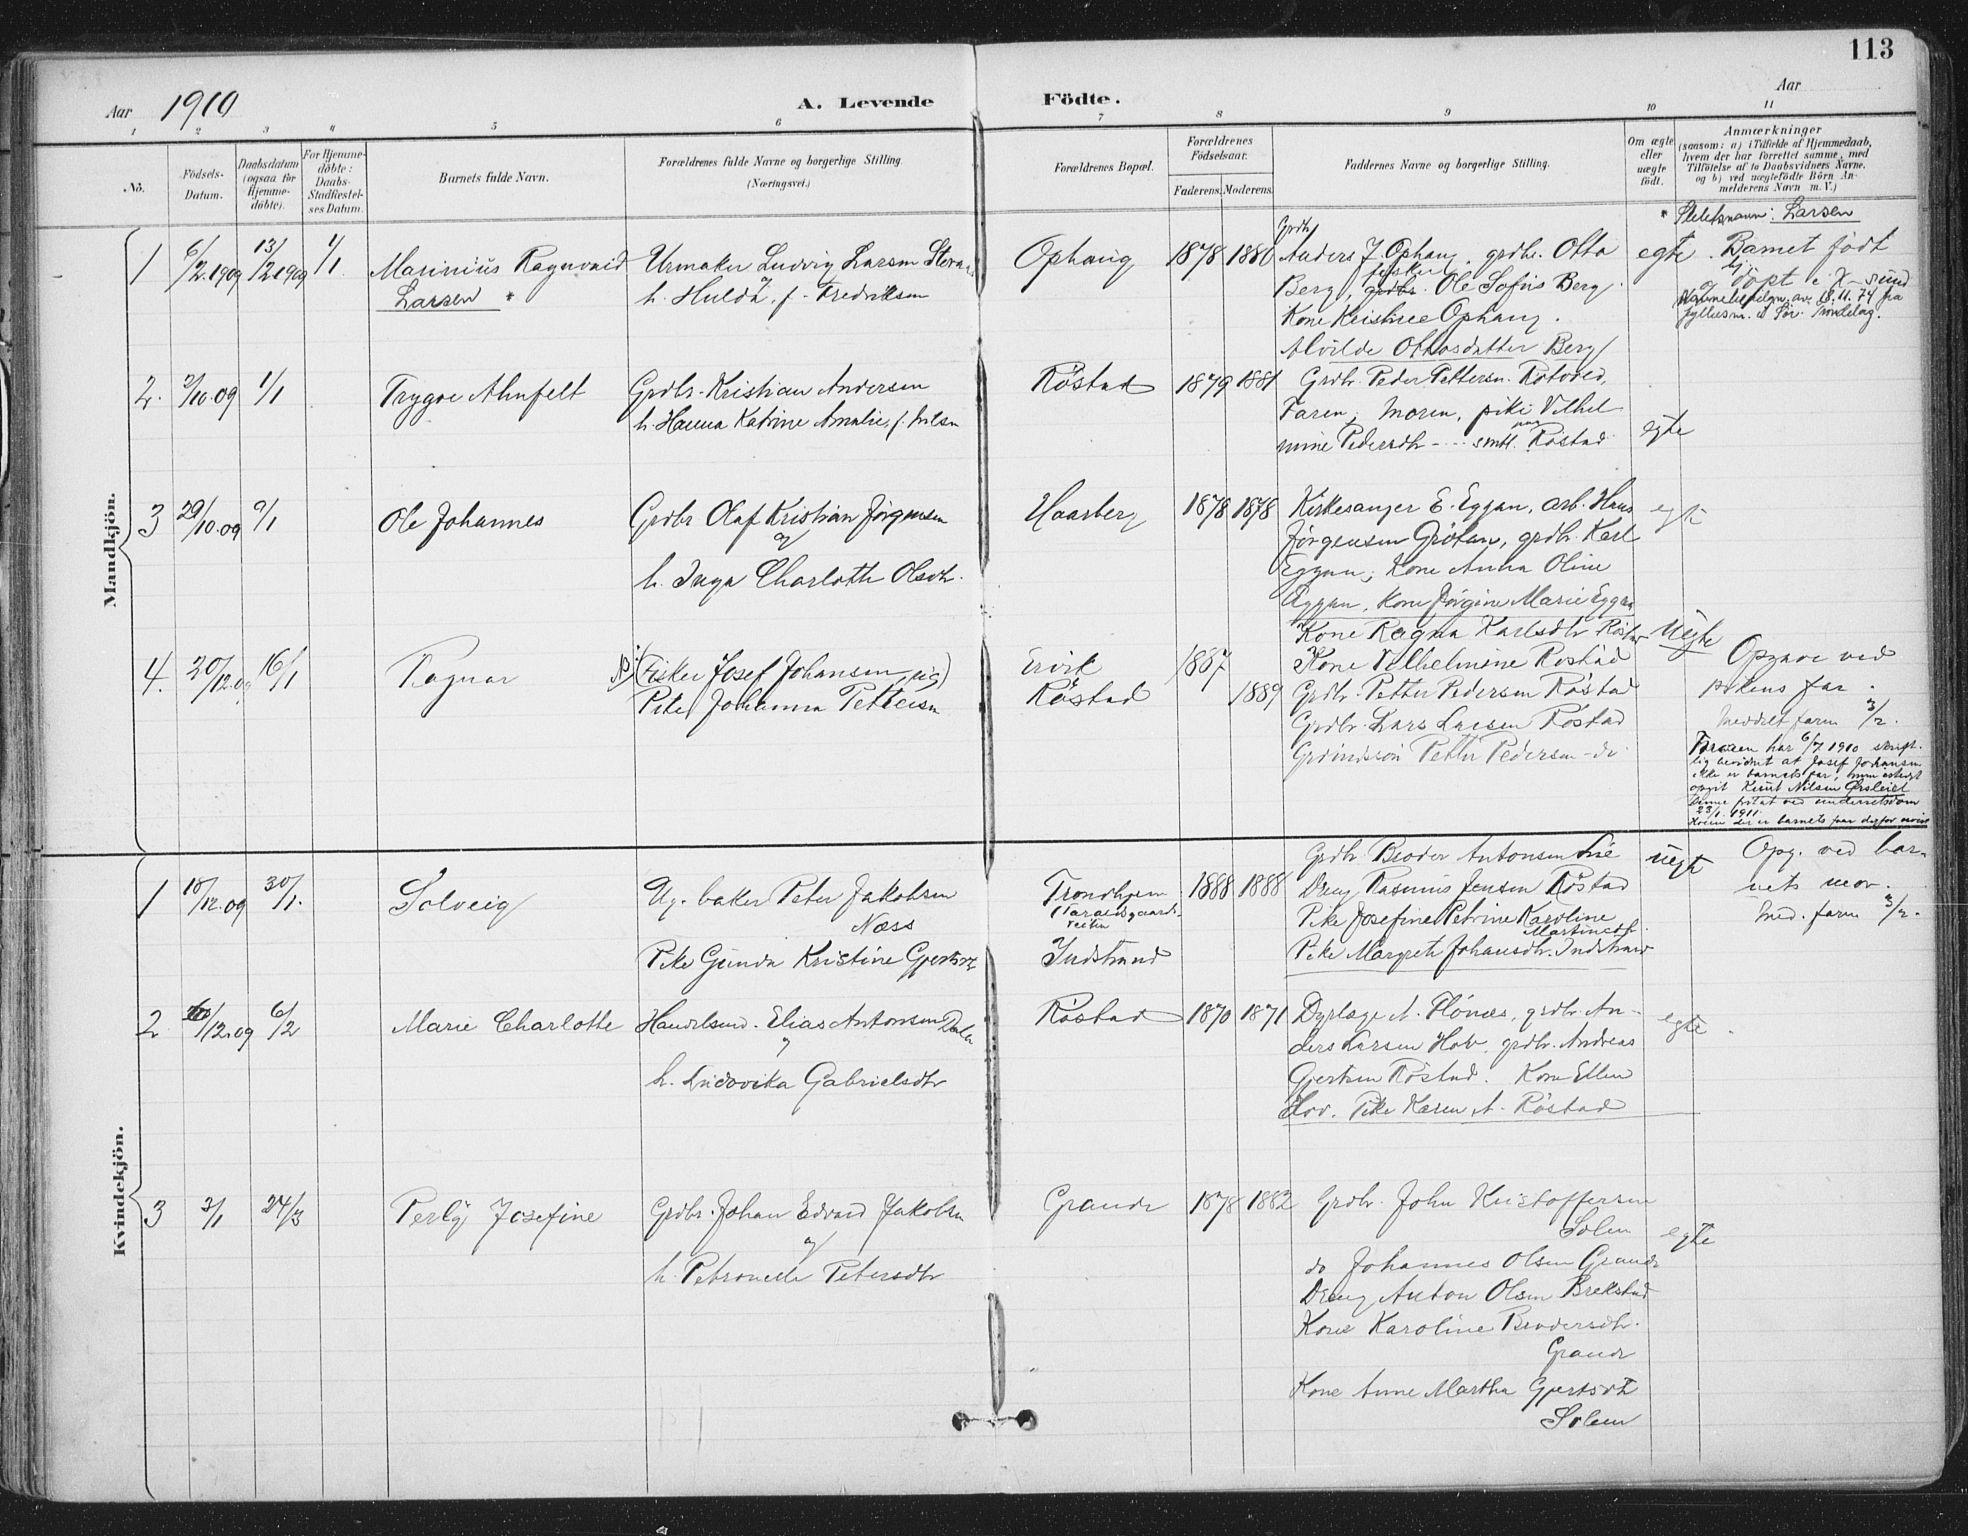 SAT, Ministerialprotokoller, klokkerbøker og fødselsregistre - Sør-Trøndelag, 659/L0743: Ministerialbok nr. 659A13, 1893-1910, s. 113